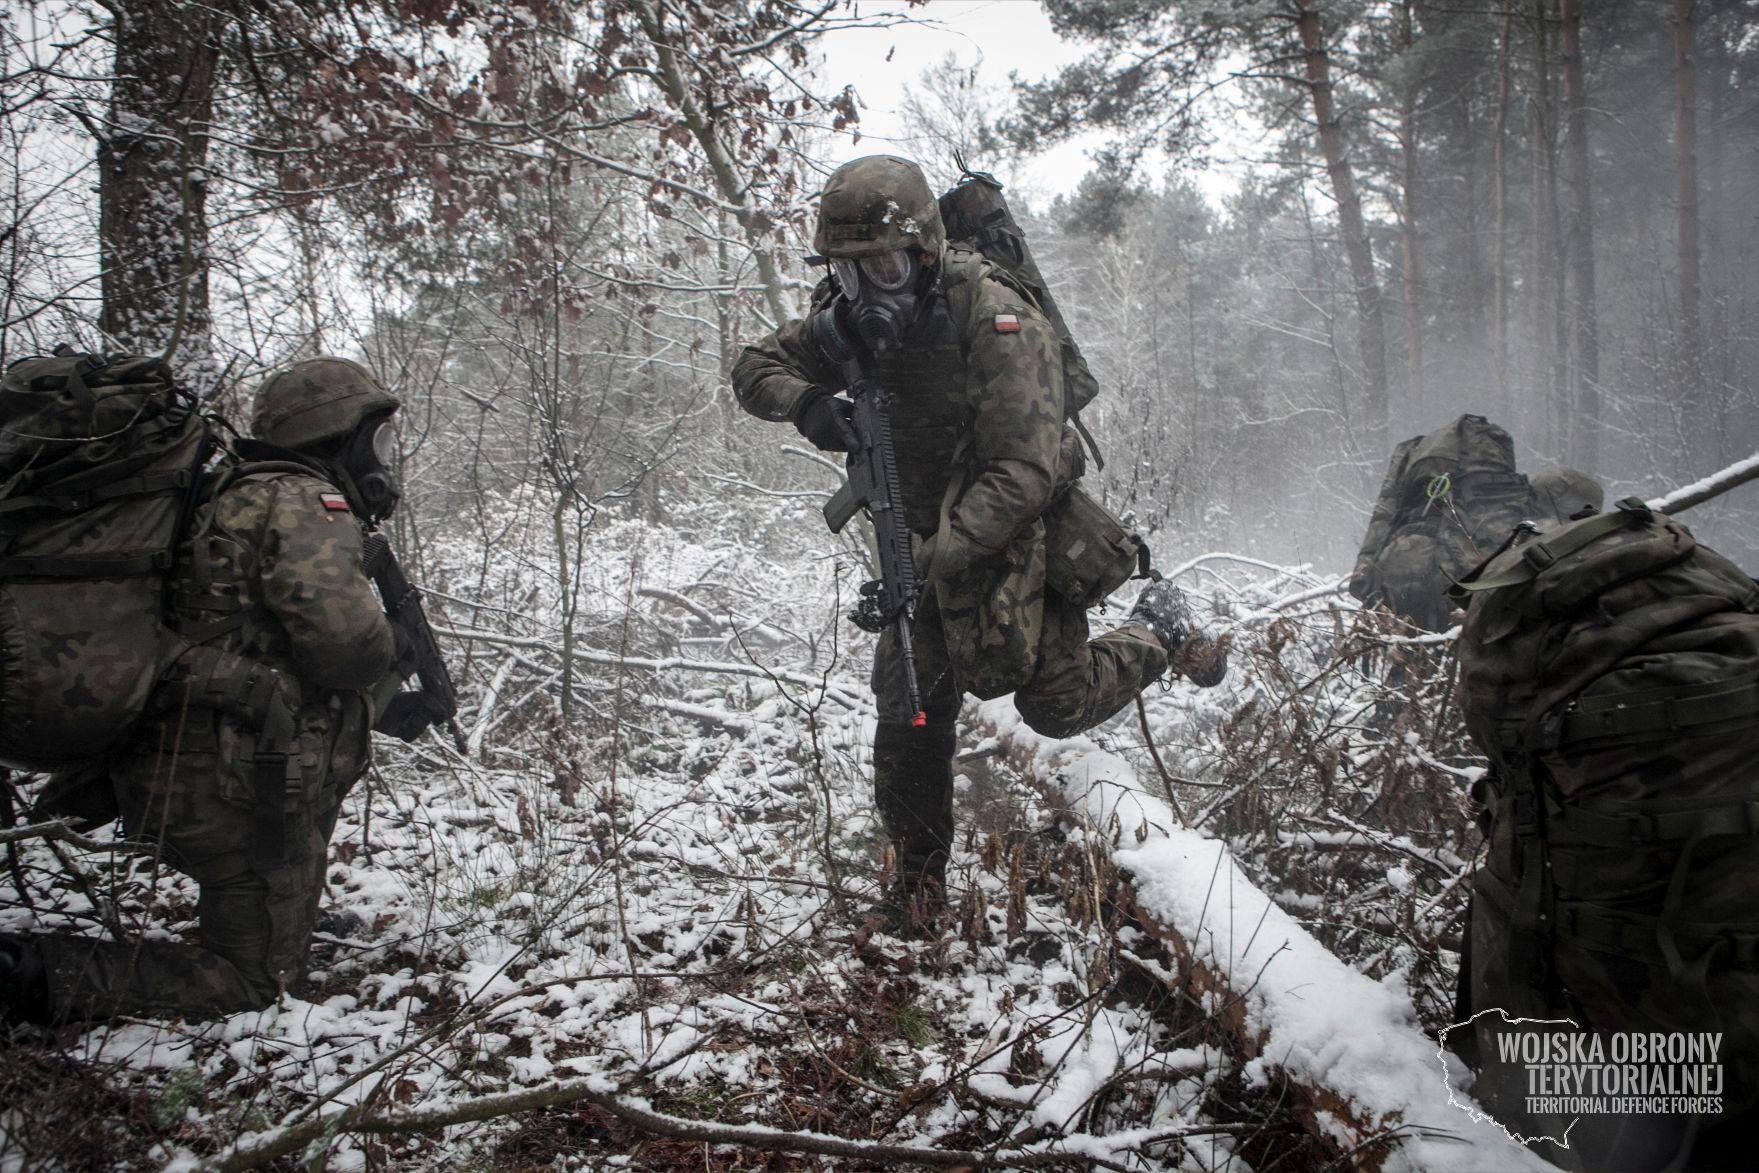 Szkolenie taktyczne integruje wszystkie zagadnienia niezbędne żołnierzowi do przetrwania w czasie działań wojennych. (Fot. Facebook/Wojska Obrony Terytorialnej)